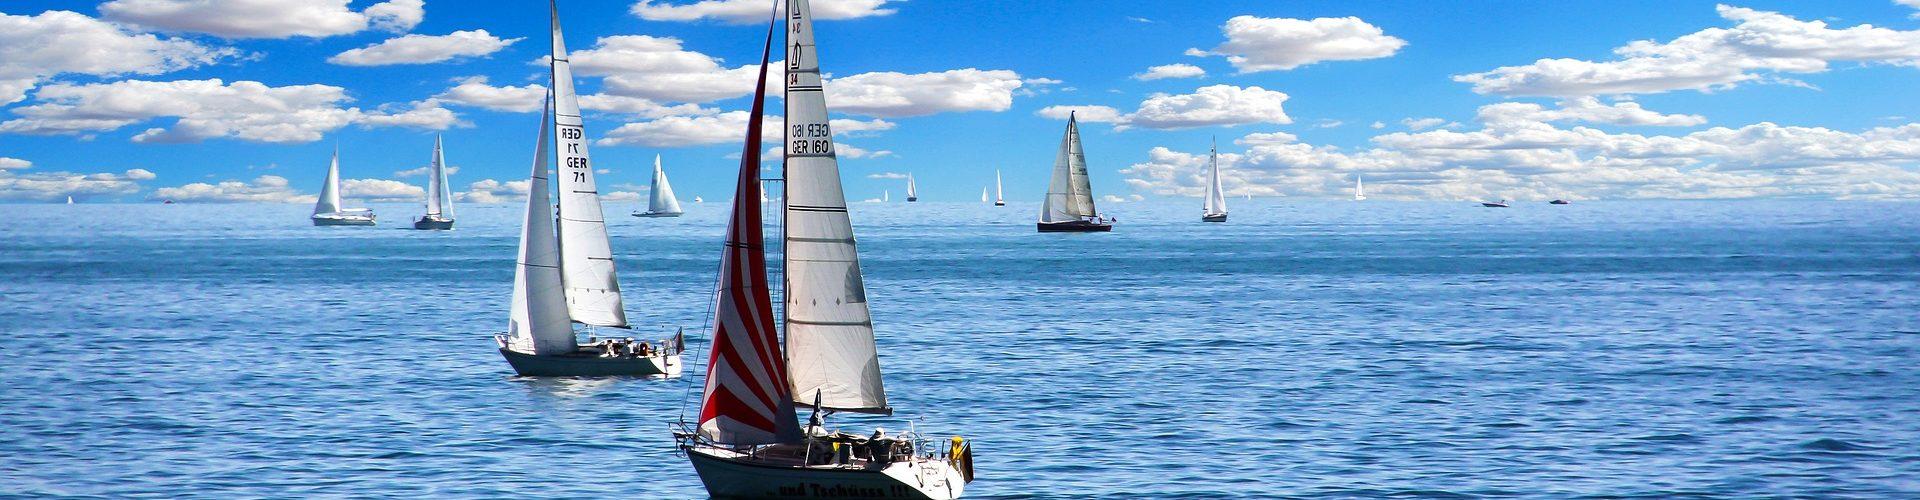 segeln lernen in Vaterstetten segelschein machen in Vaterstetten 1920x500 - Segeln lernen in Vaterstetten